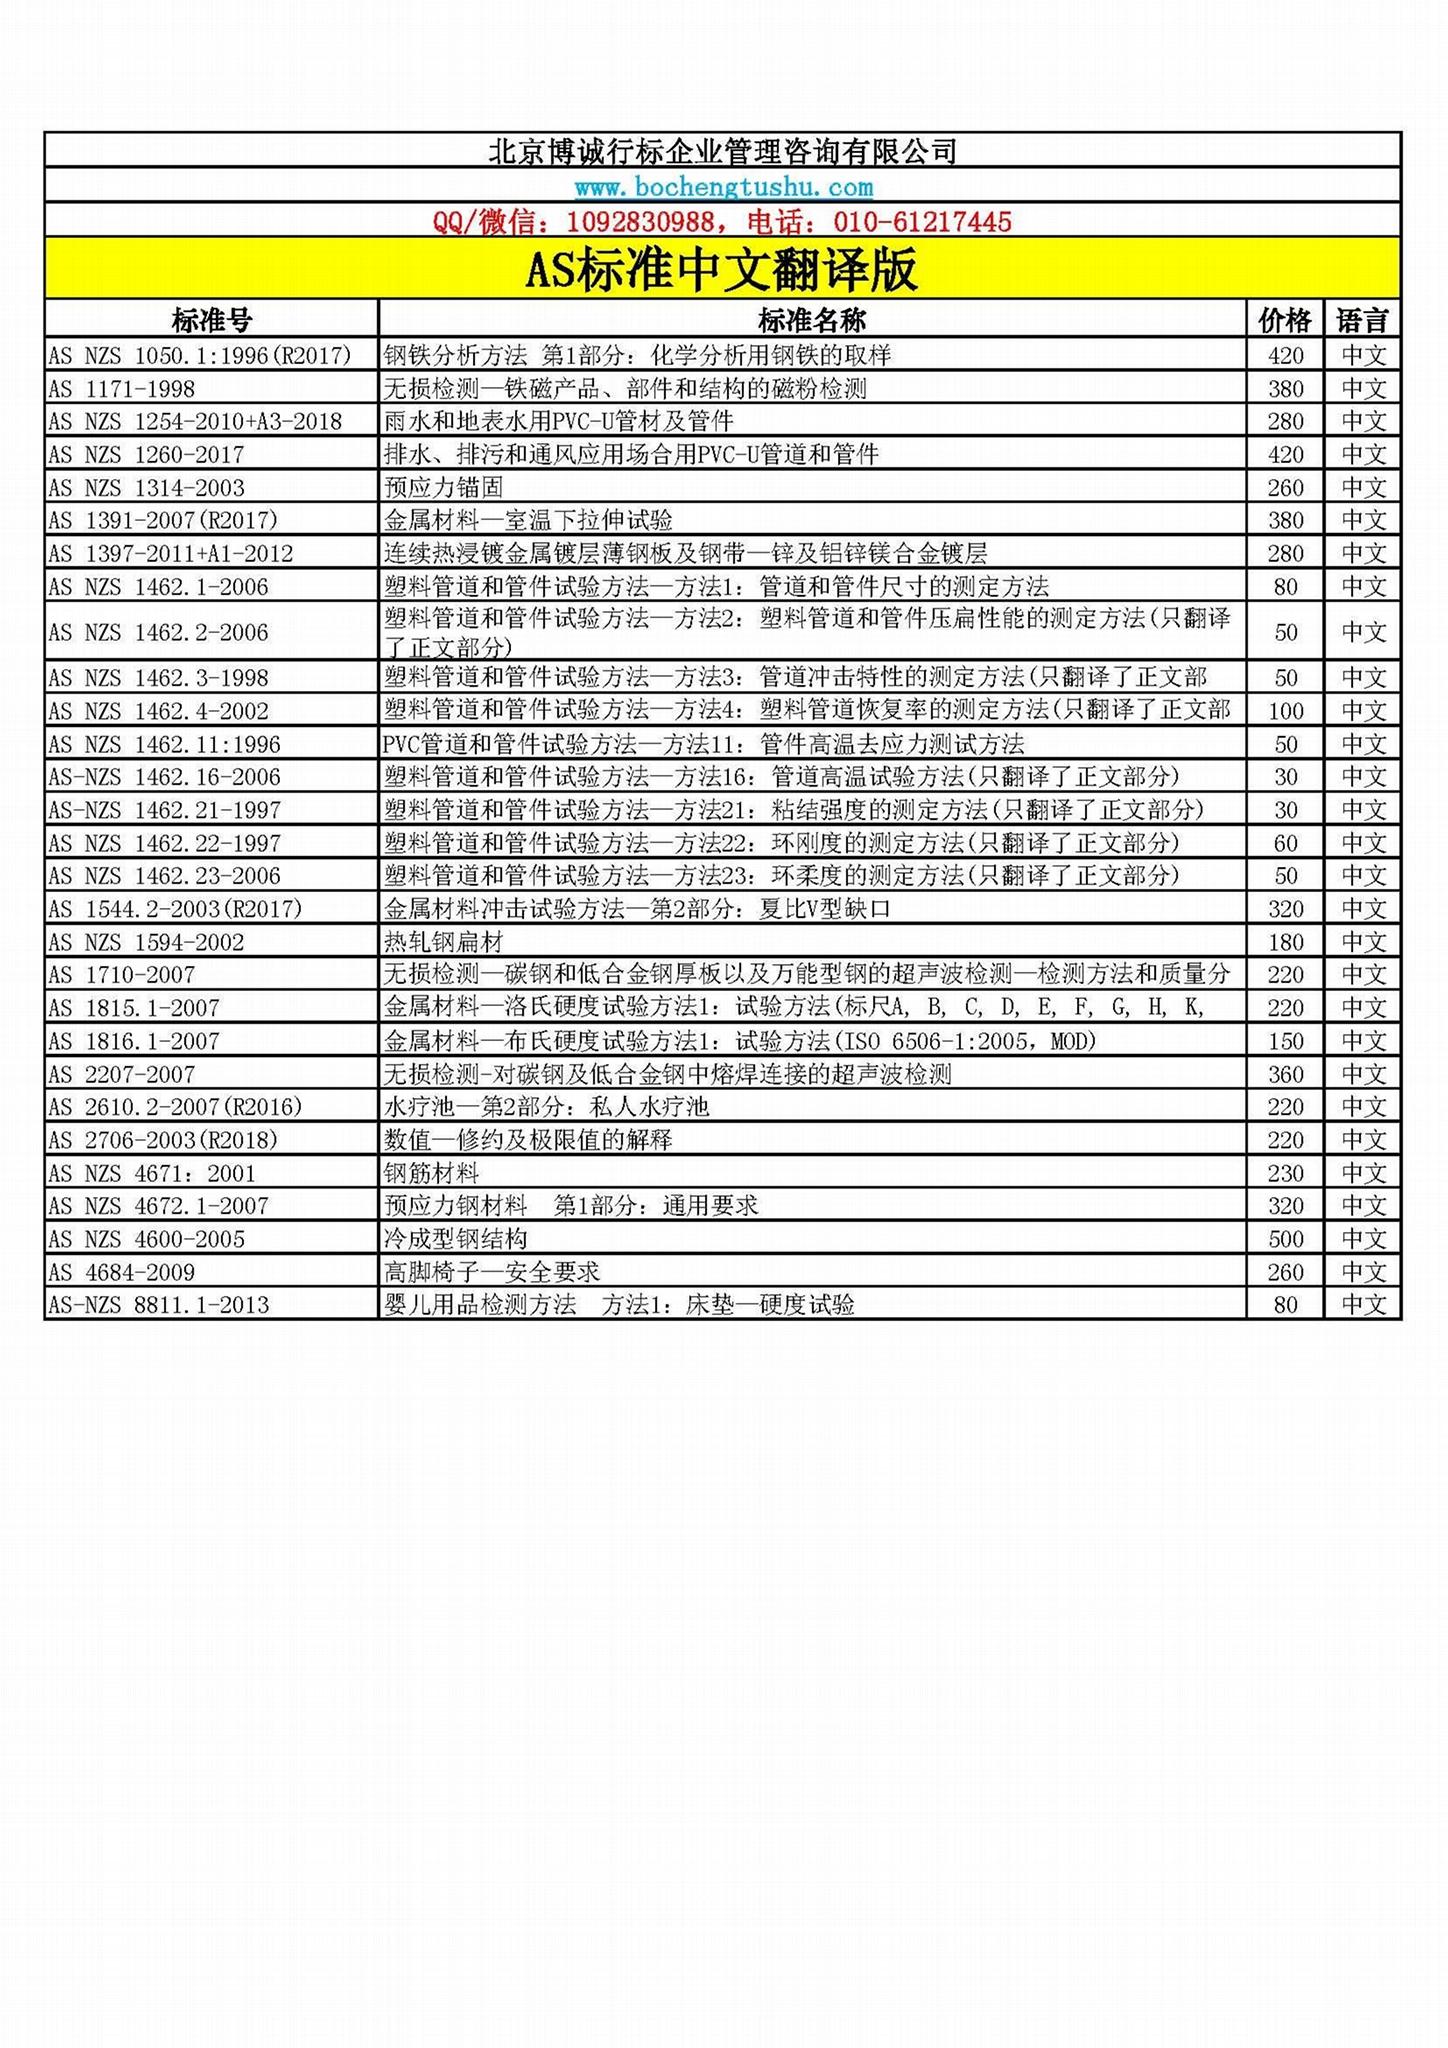 AS澳洲标准中文版资料 1